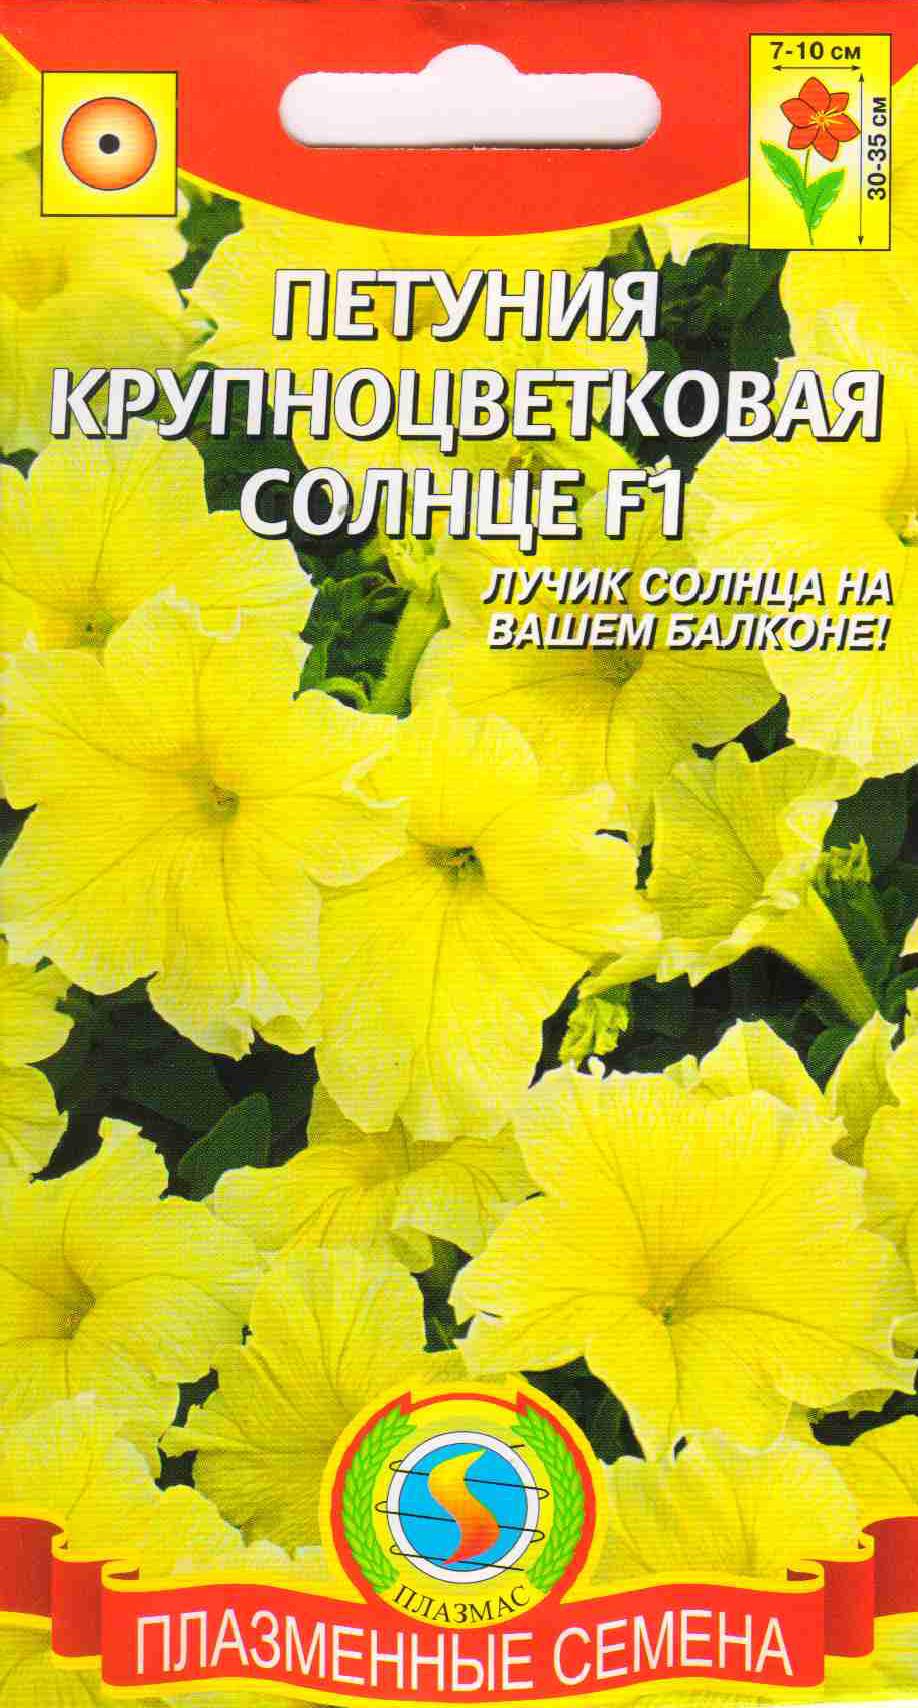 Петуния крупноцветковая солнце f1 - купить семена цветов в и.